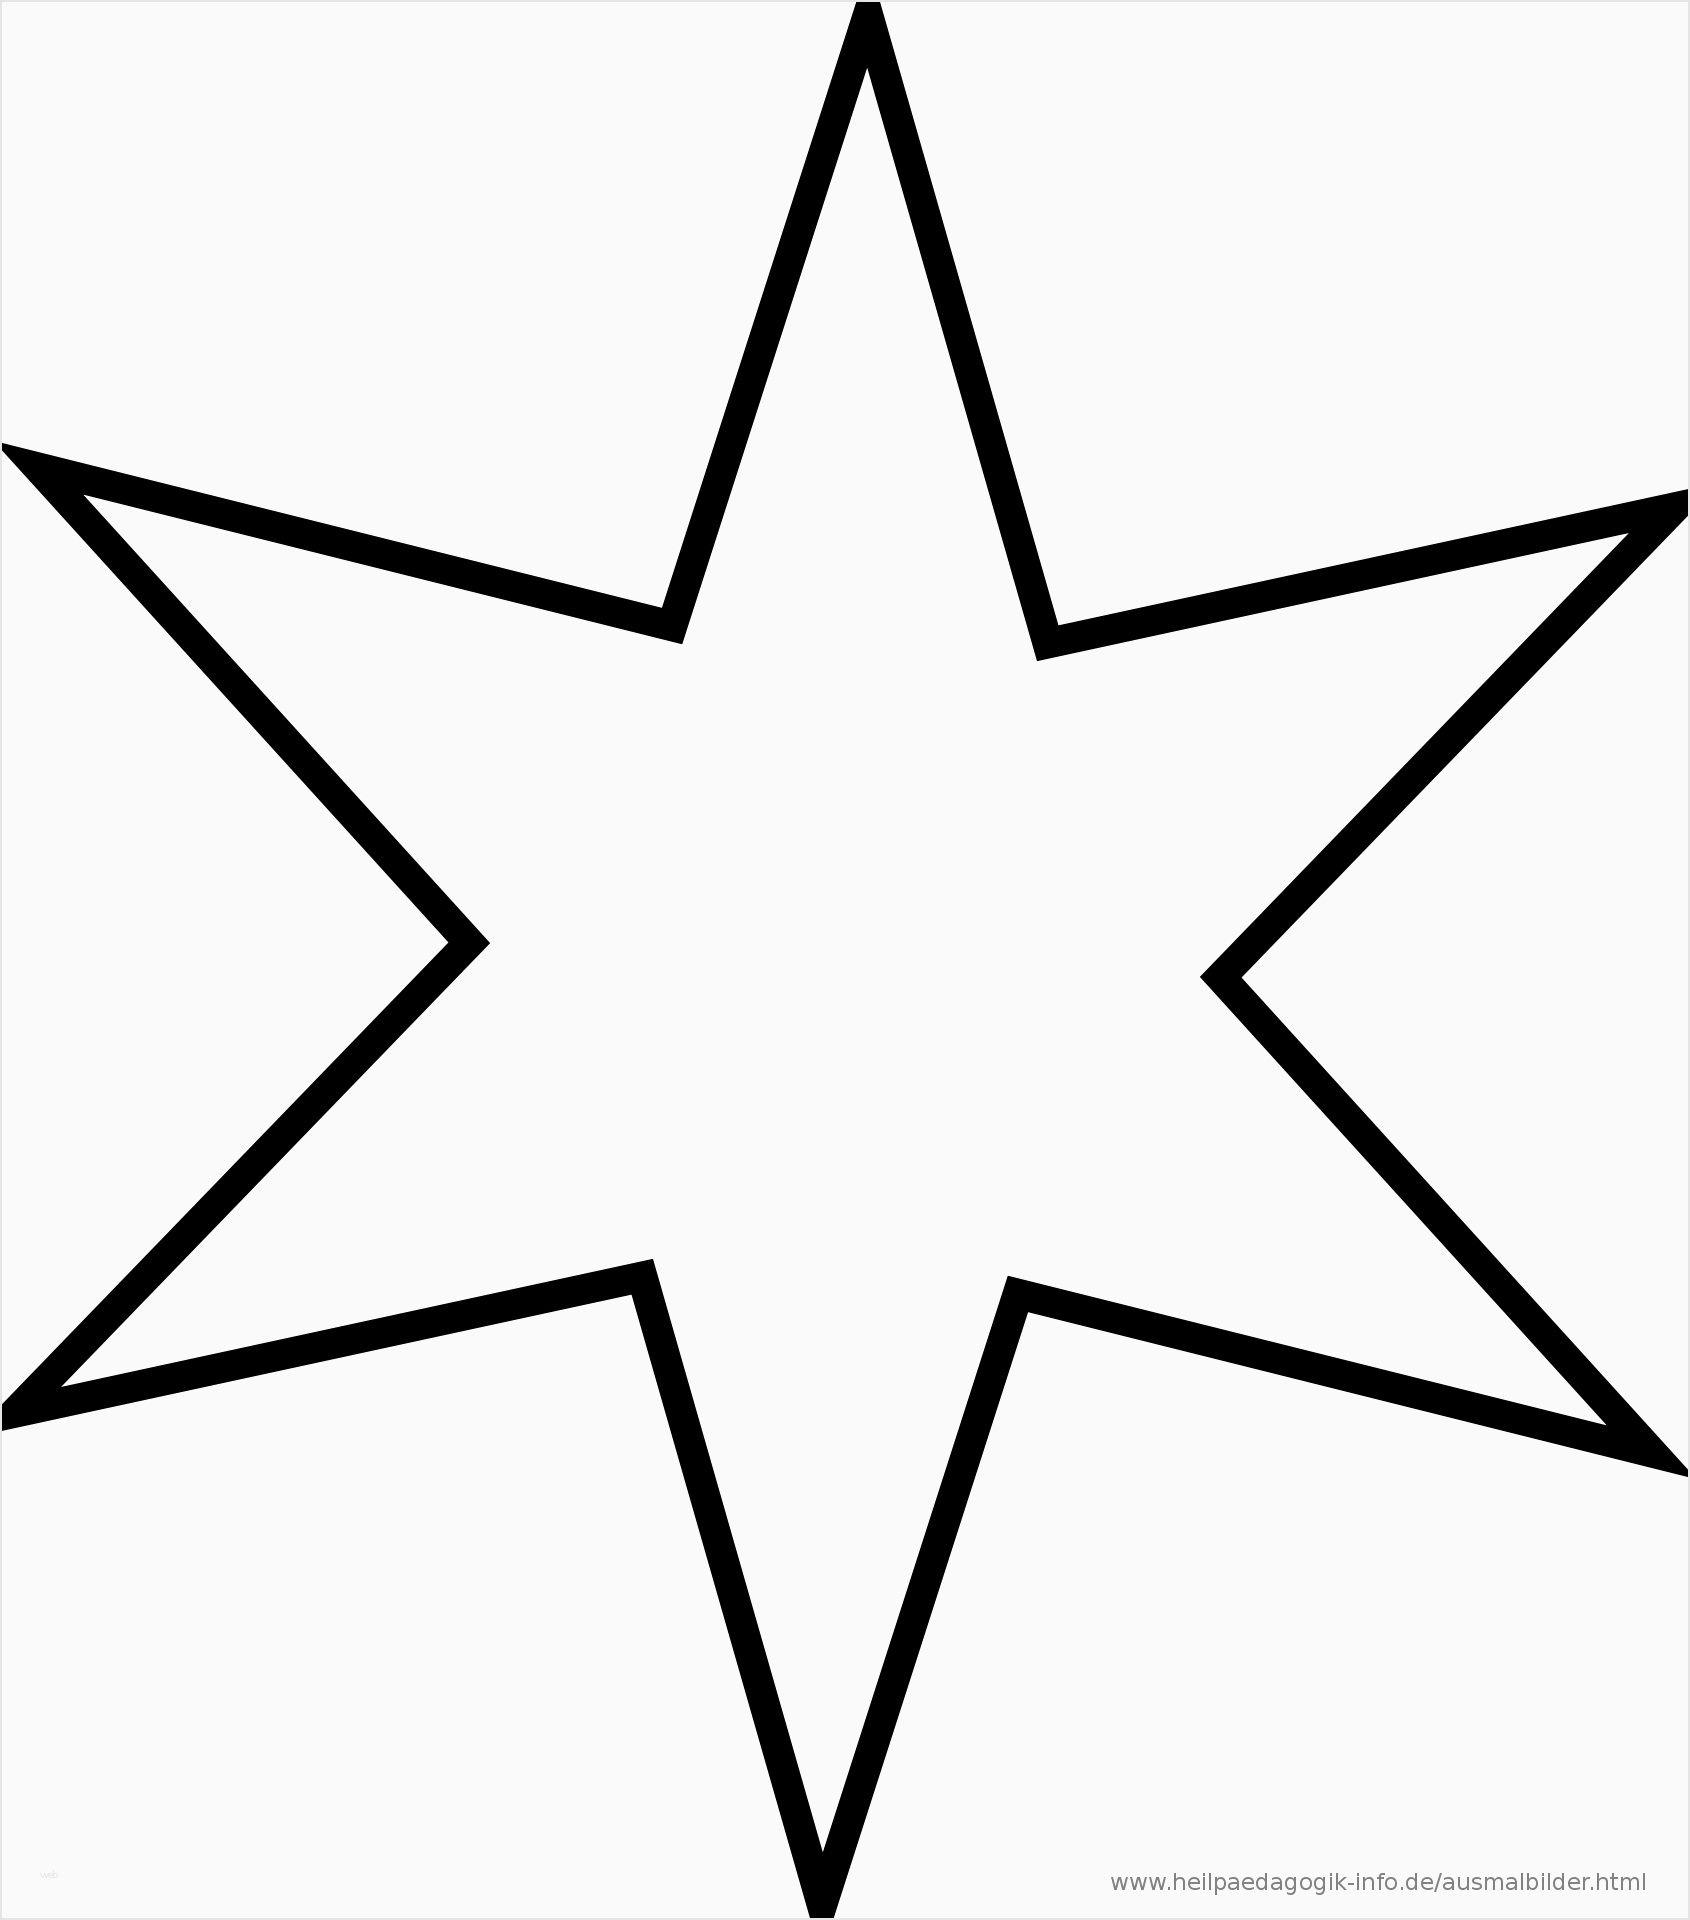 Ausmalbilder Sternschnuppe Einzigartig Stern Vorlage Zum